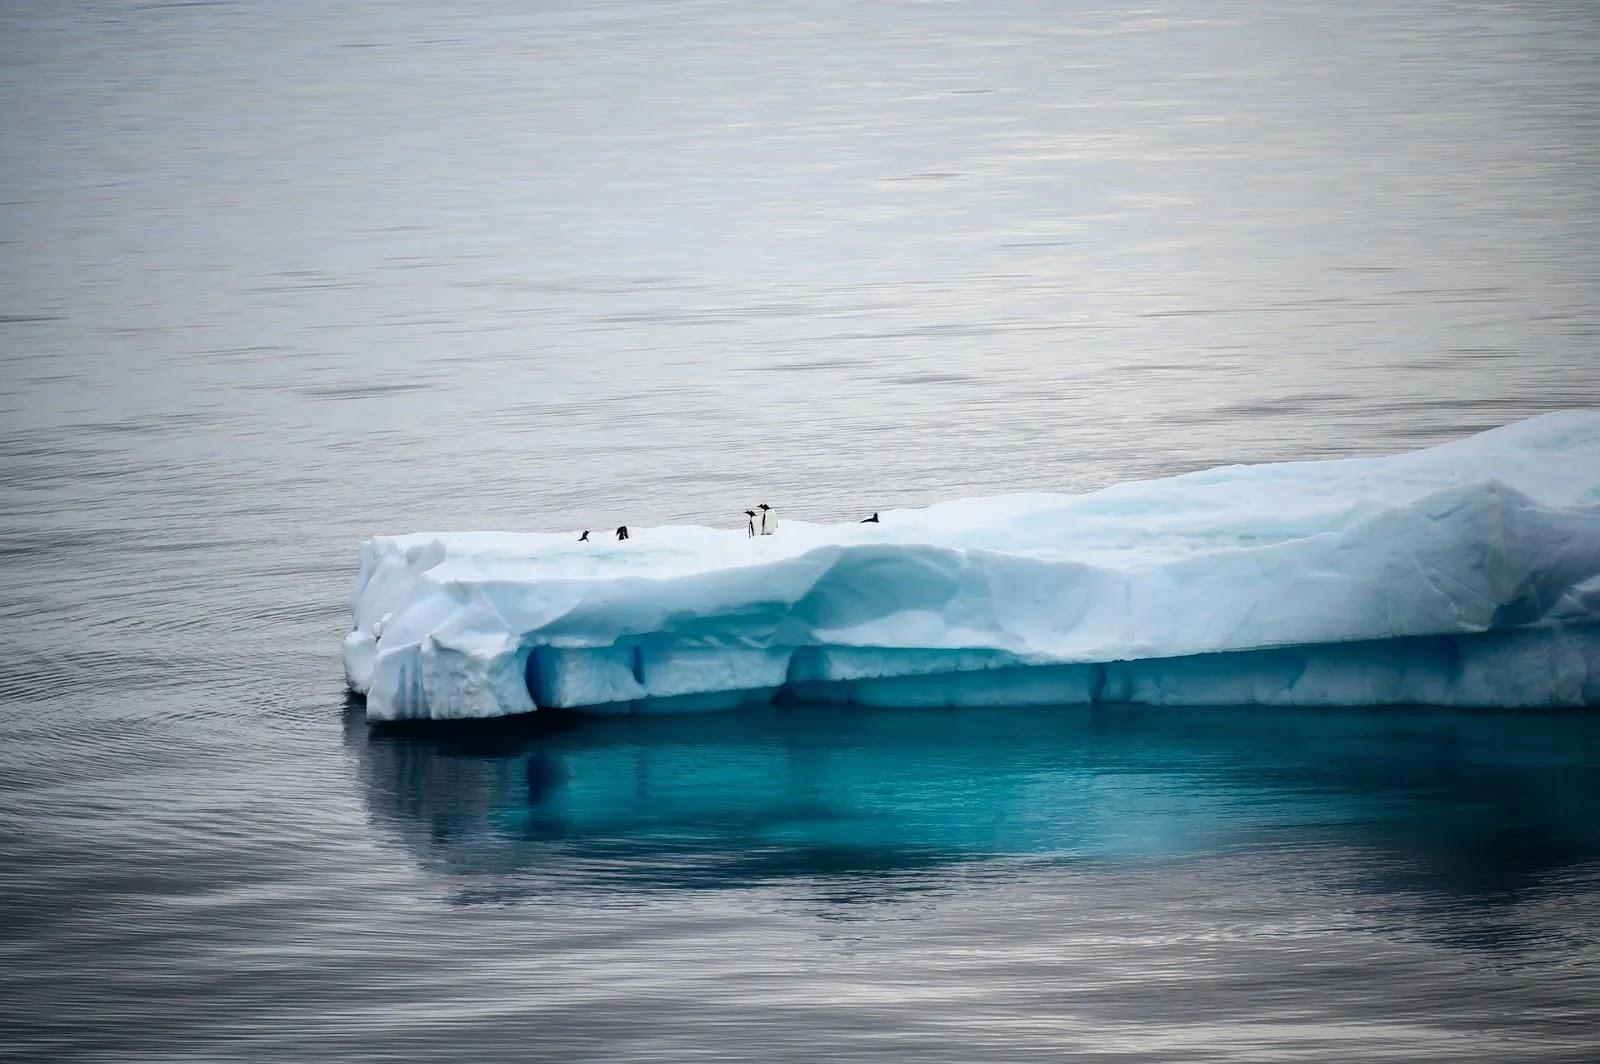 صور جميلة وخلفيات للجبال الجليدية